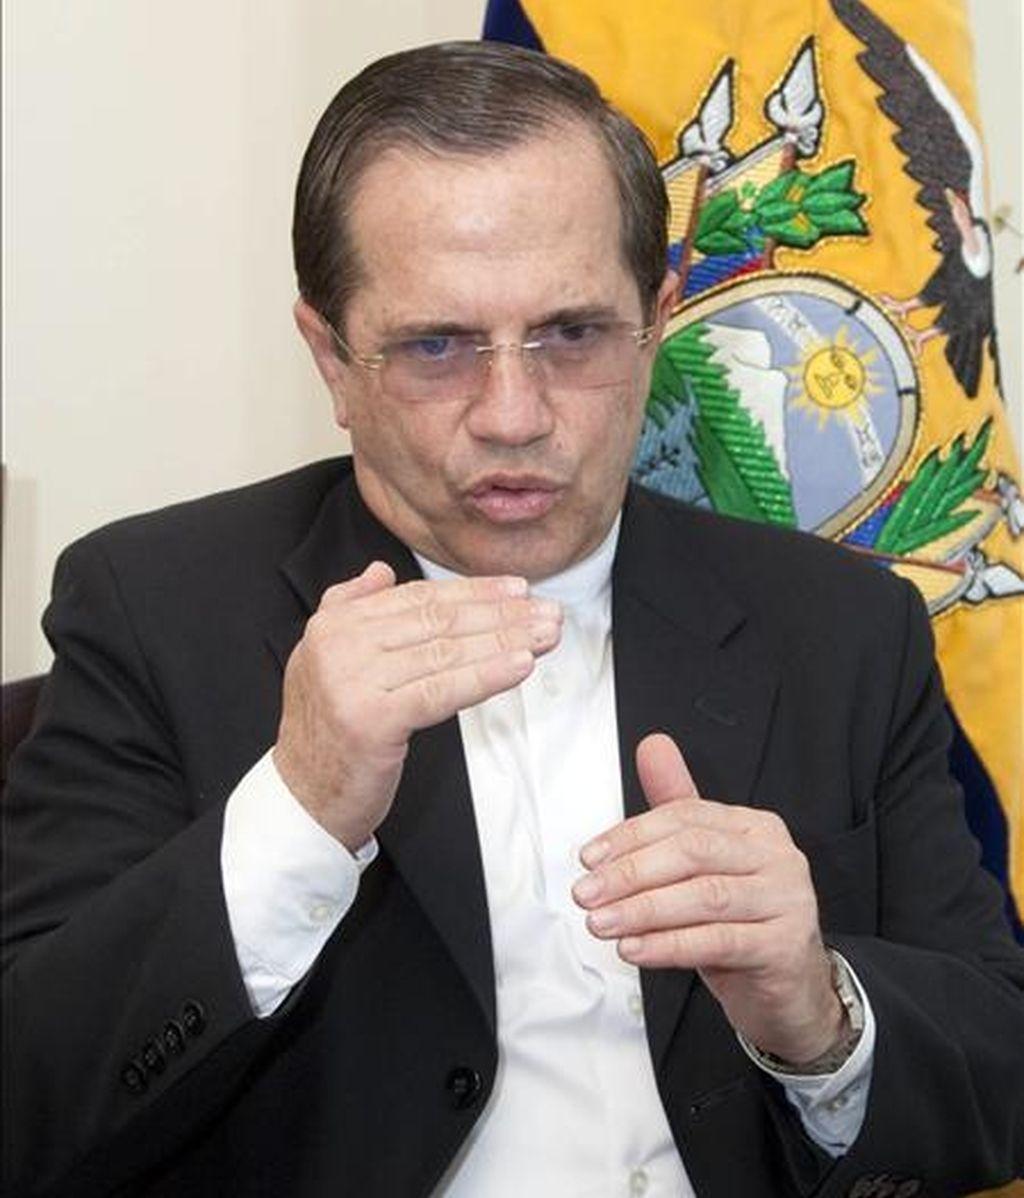 """El canciller de Ecuador, Ricardo Patiño, denunció que muchos países son """"convidados de piedra"""" en la ONU y la actual capacidad de veto de algunos Estados es """"inadmisible"""". EFE"""